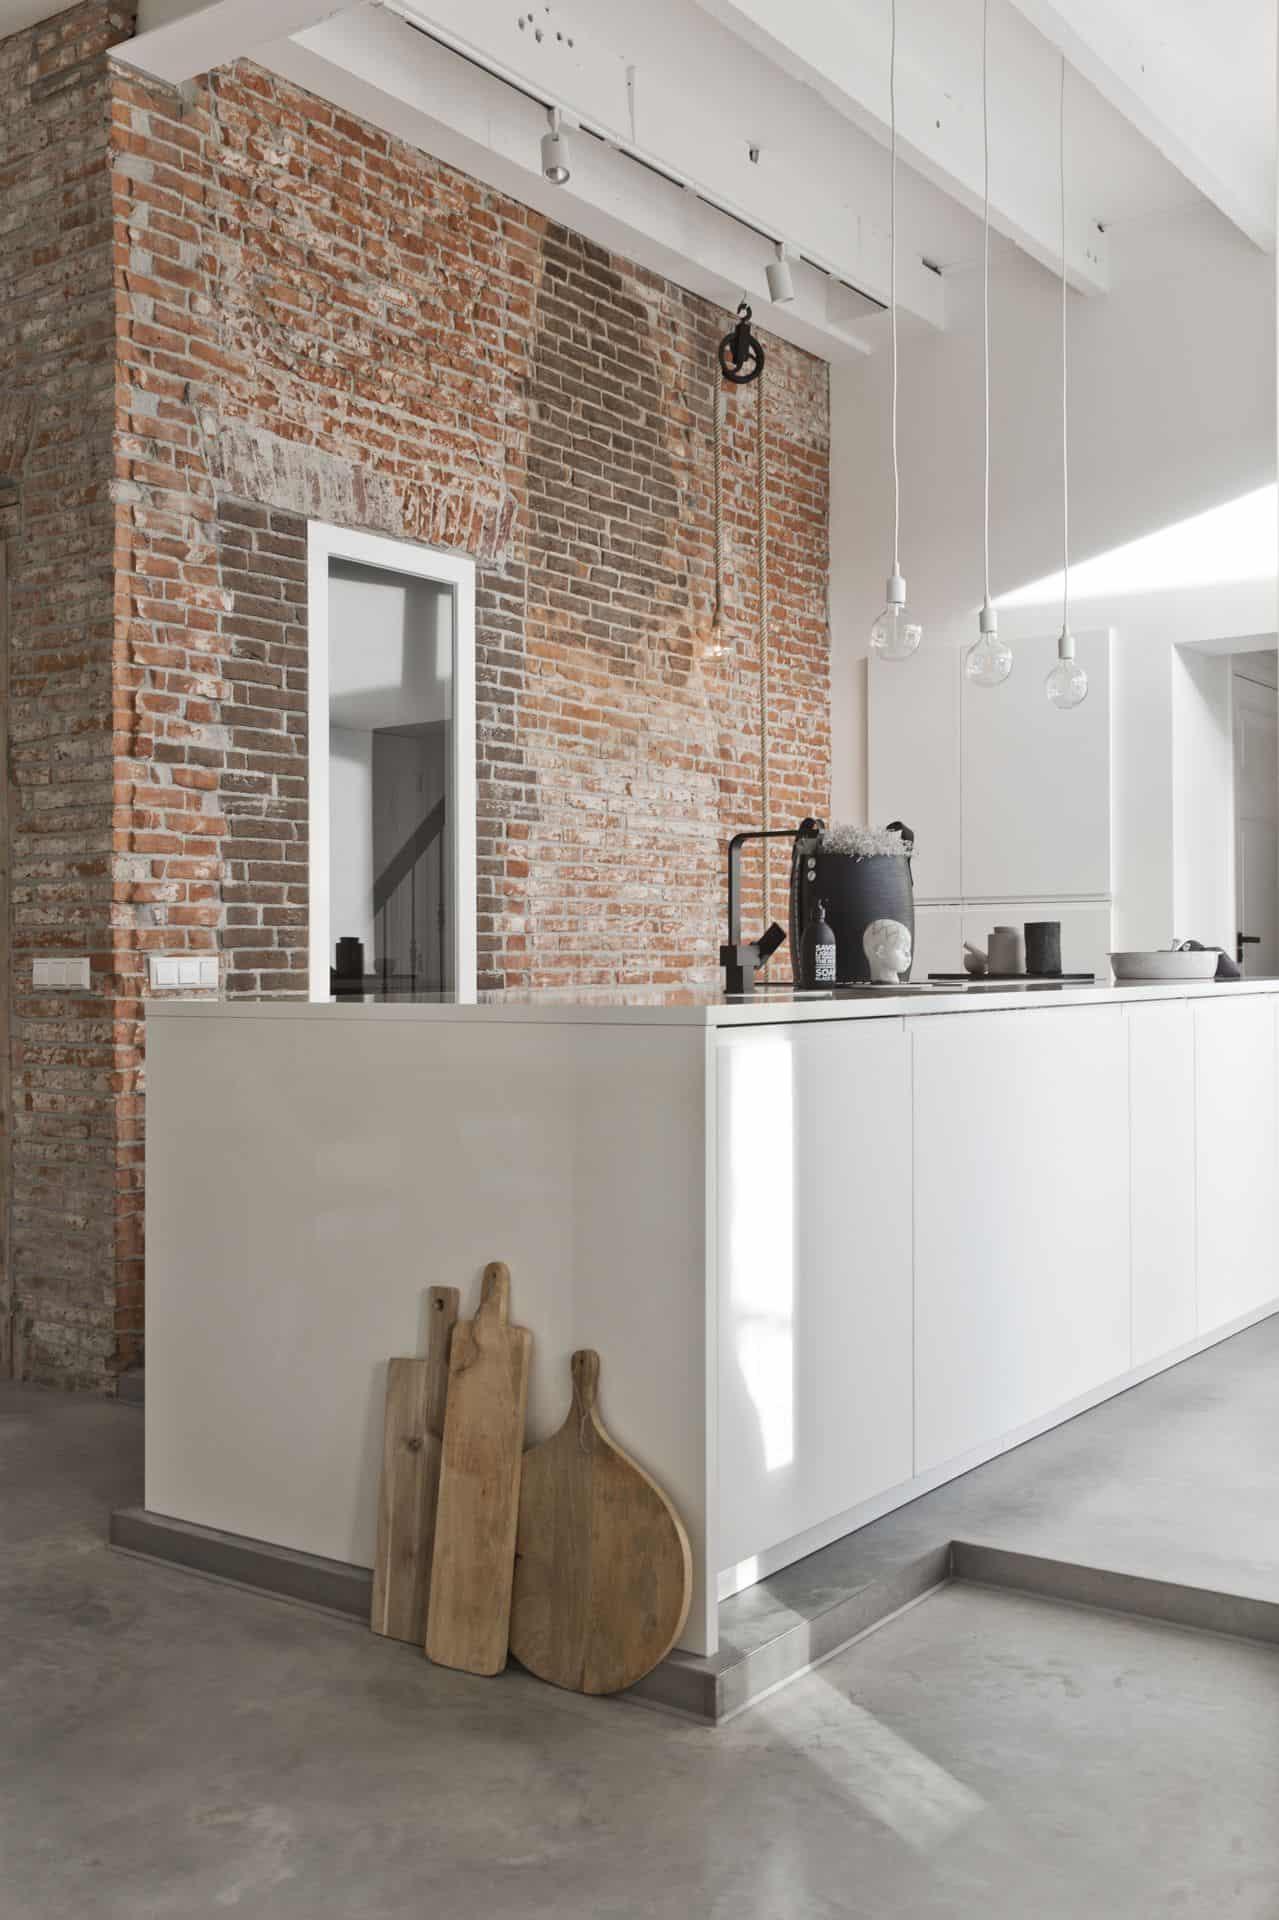 betonnen vloer met witte keuken en stenen muur